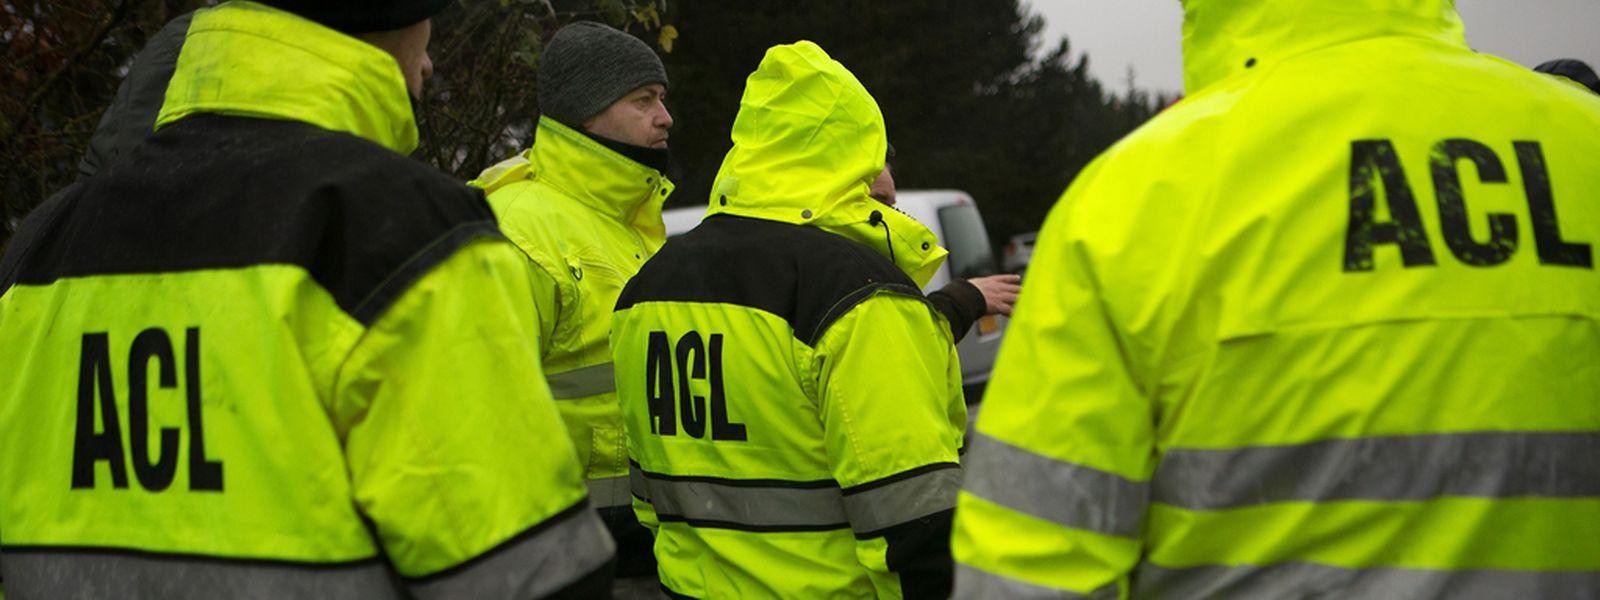 Der Streik beim ACL ist nach zwei Tagen beendet.